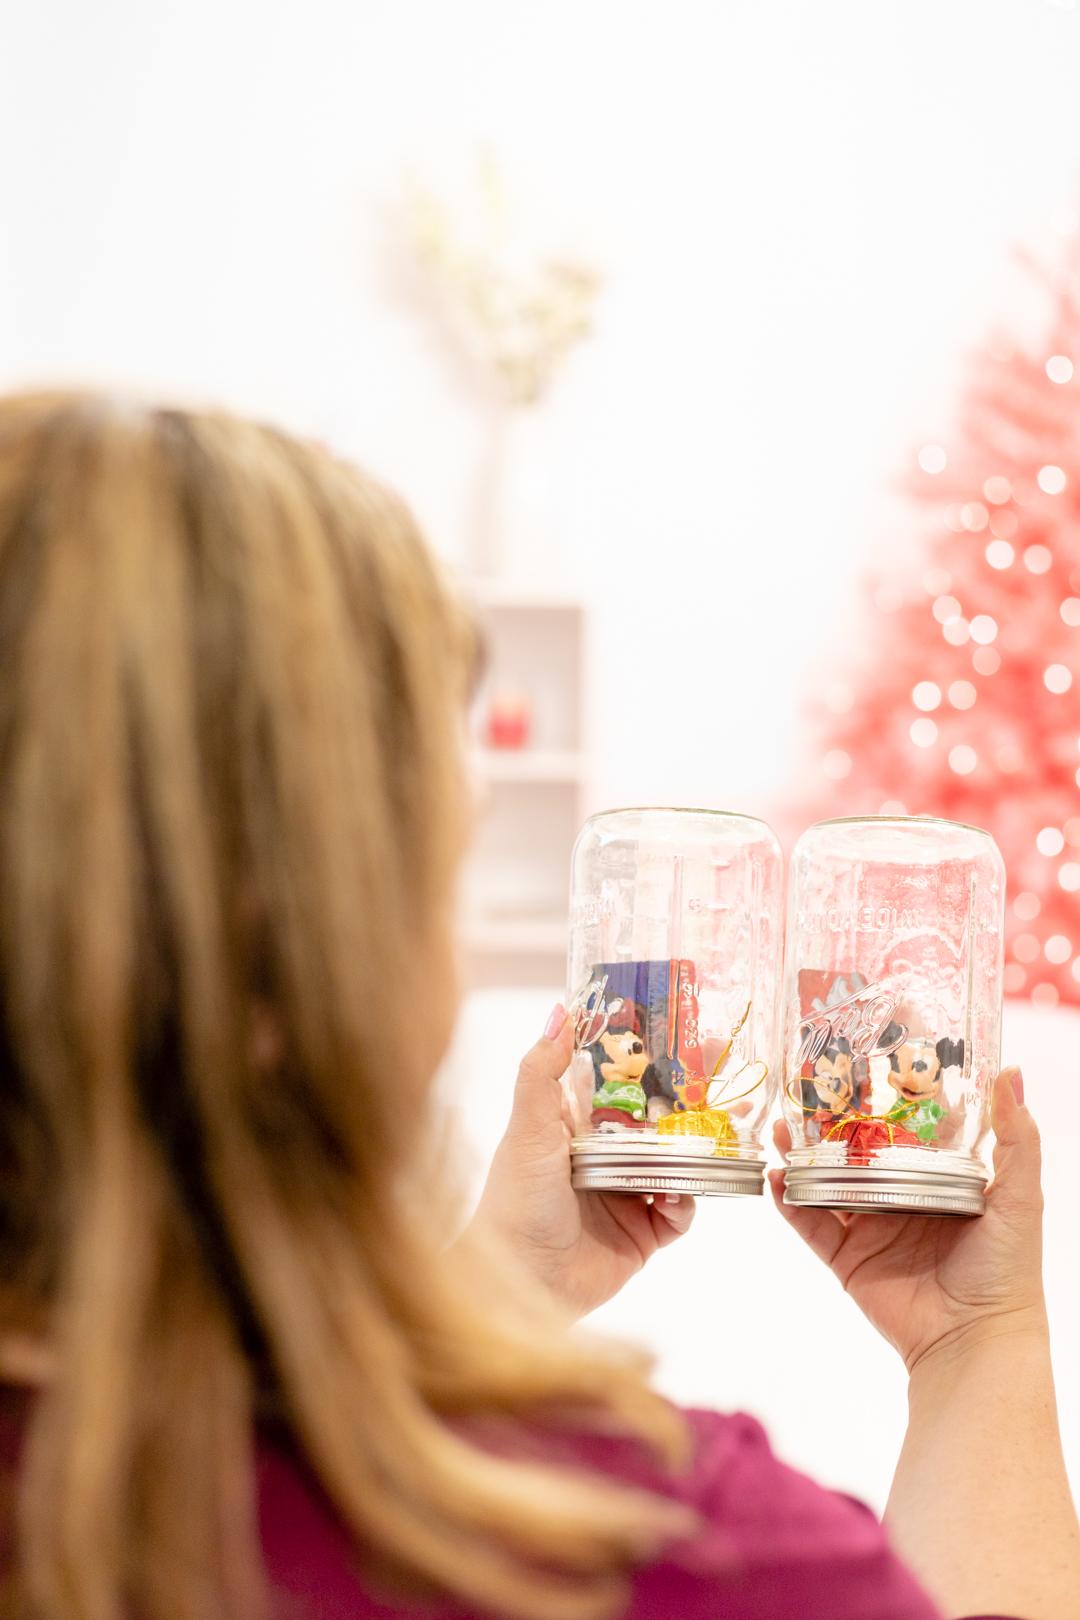 disney ornaments in jars being held